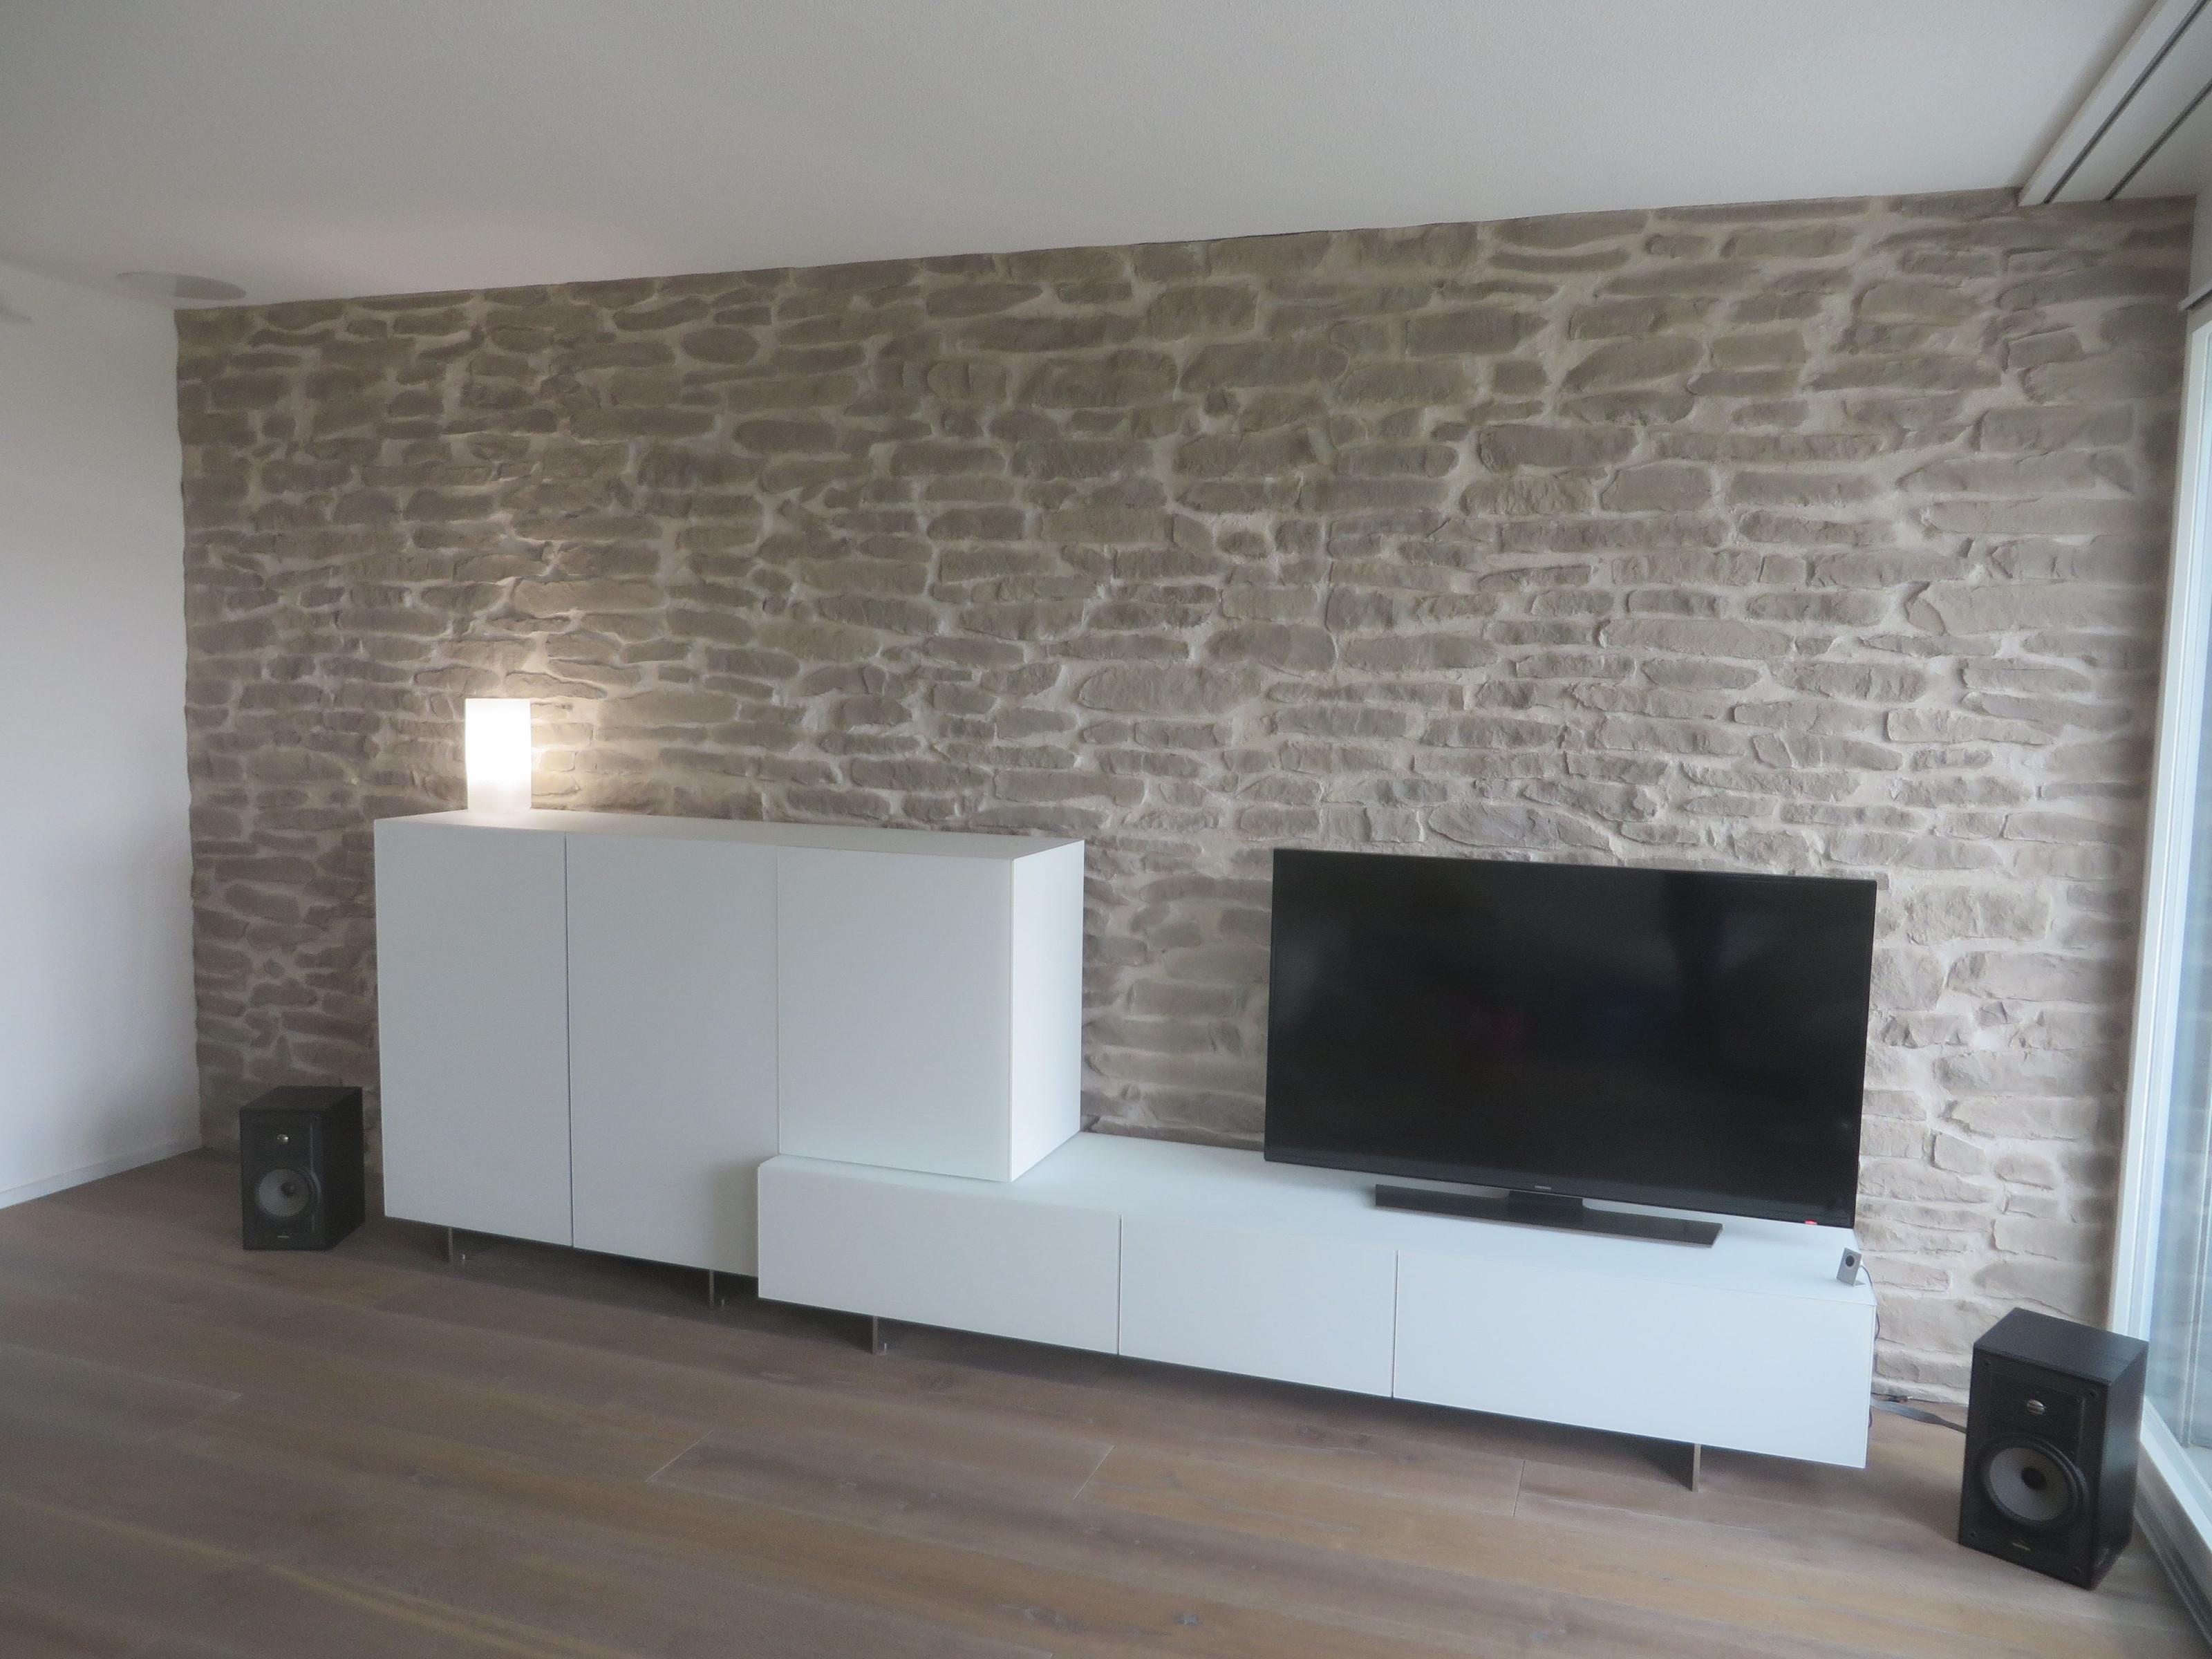 Wohnzimmerwand Steinoptik Lajas  Wandgestaltung Wohnzimmer von Wände Gestalten Wohnzimmer Photo